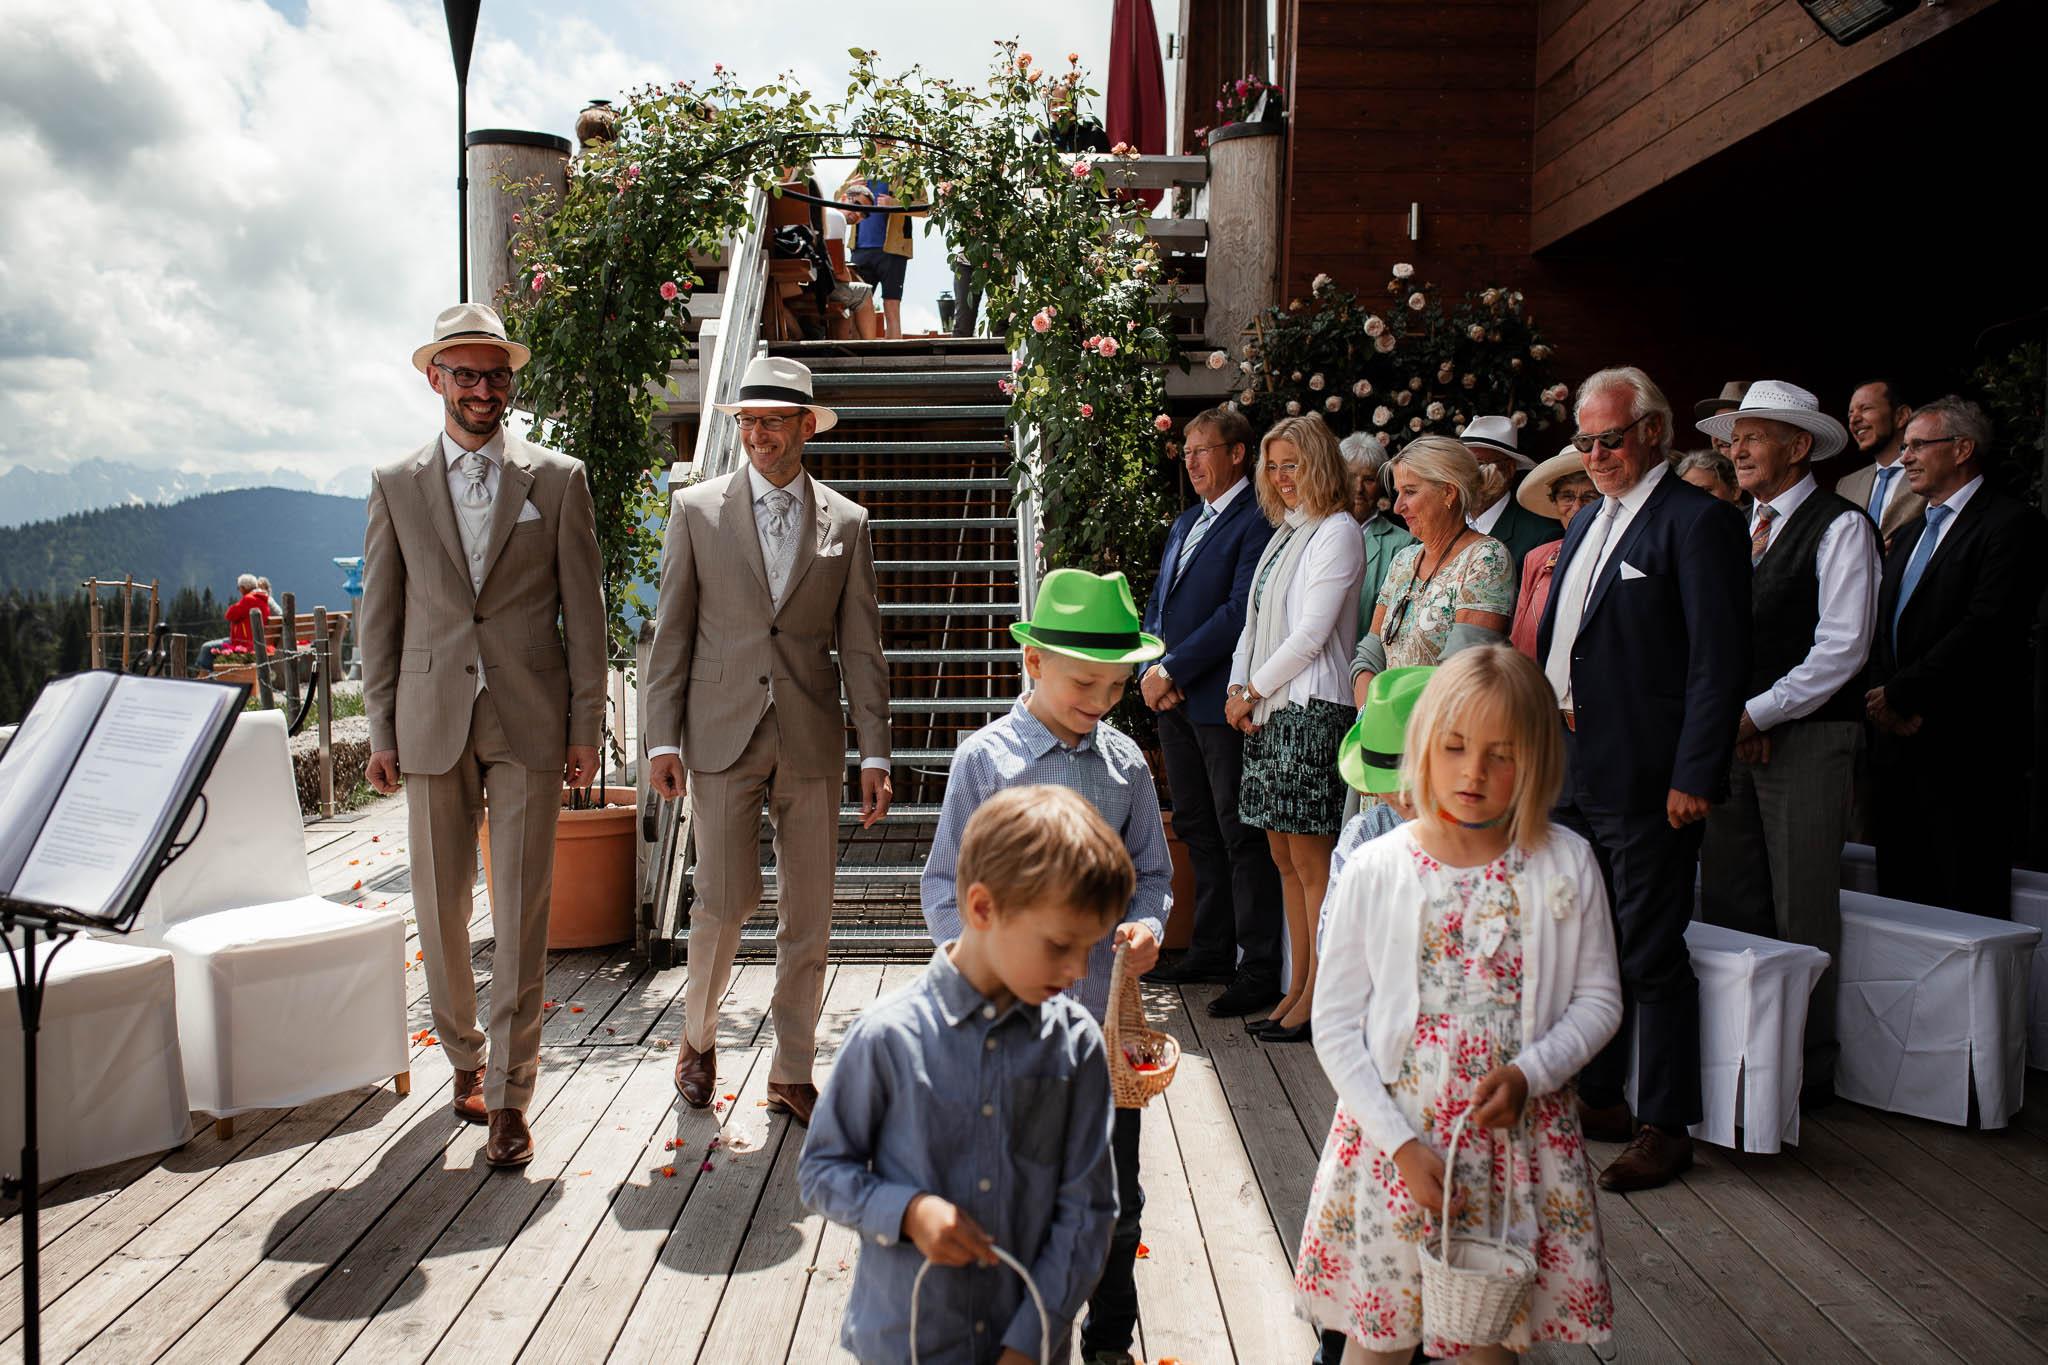 Hochzeitsfotograf Alpen, Chiemgau: freie Trauung von Dennis & Dirk 20